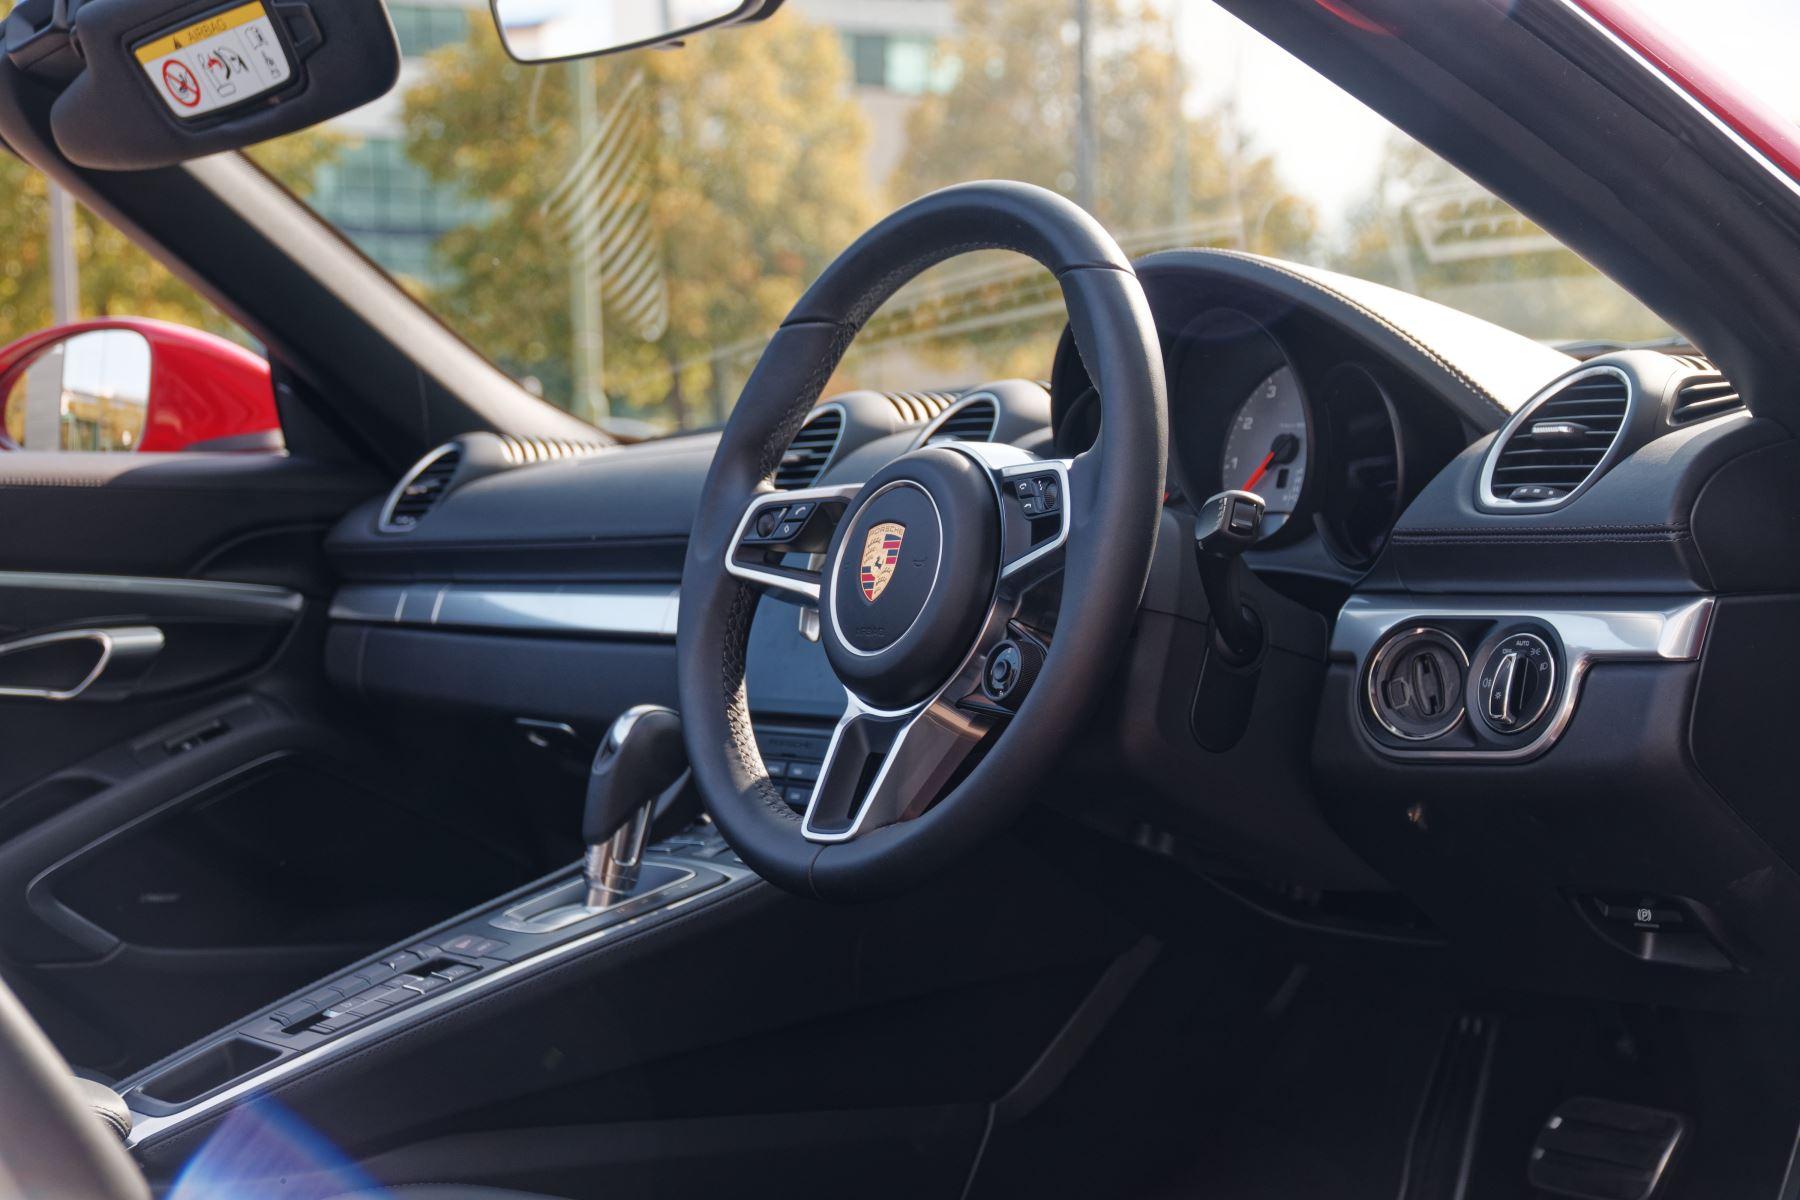 Porsche Boxster S image 16